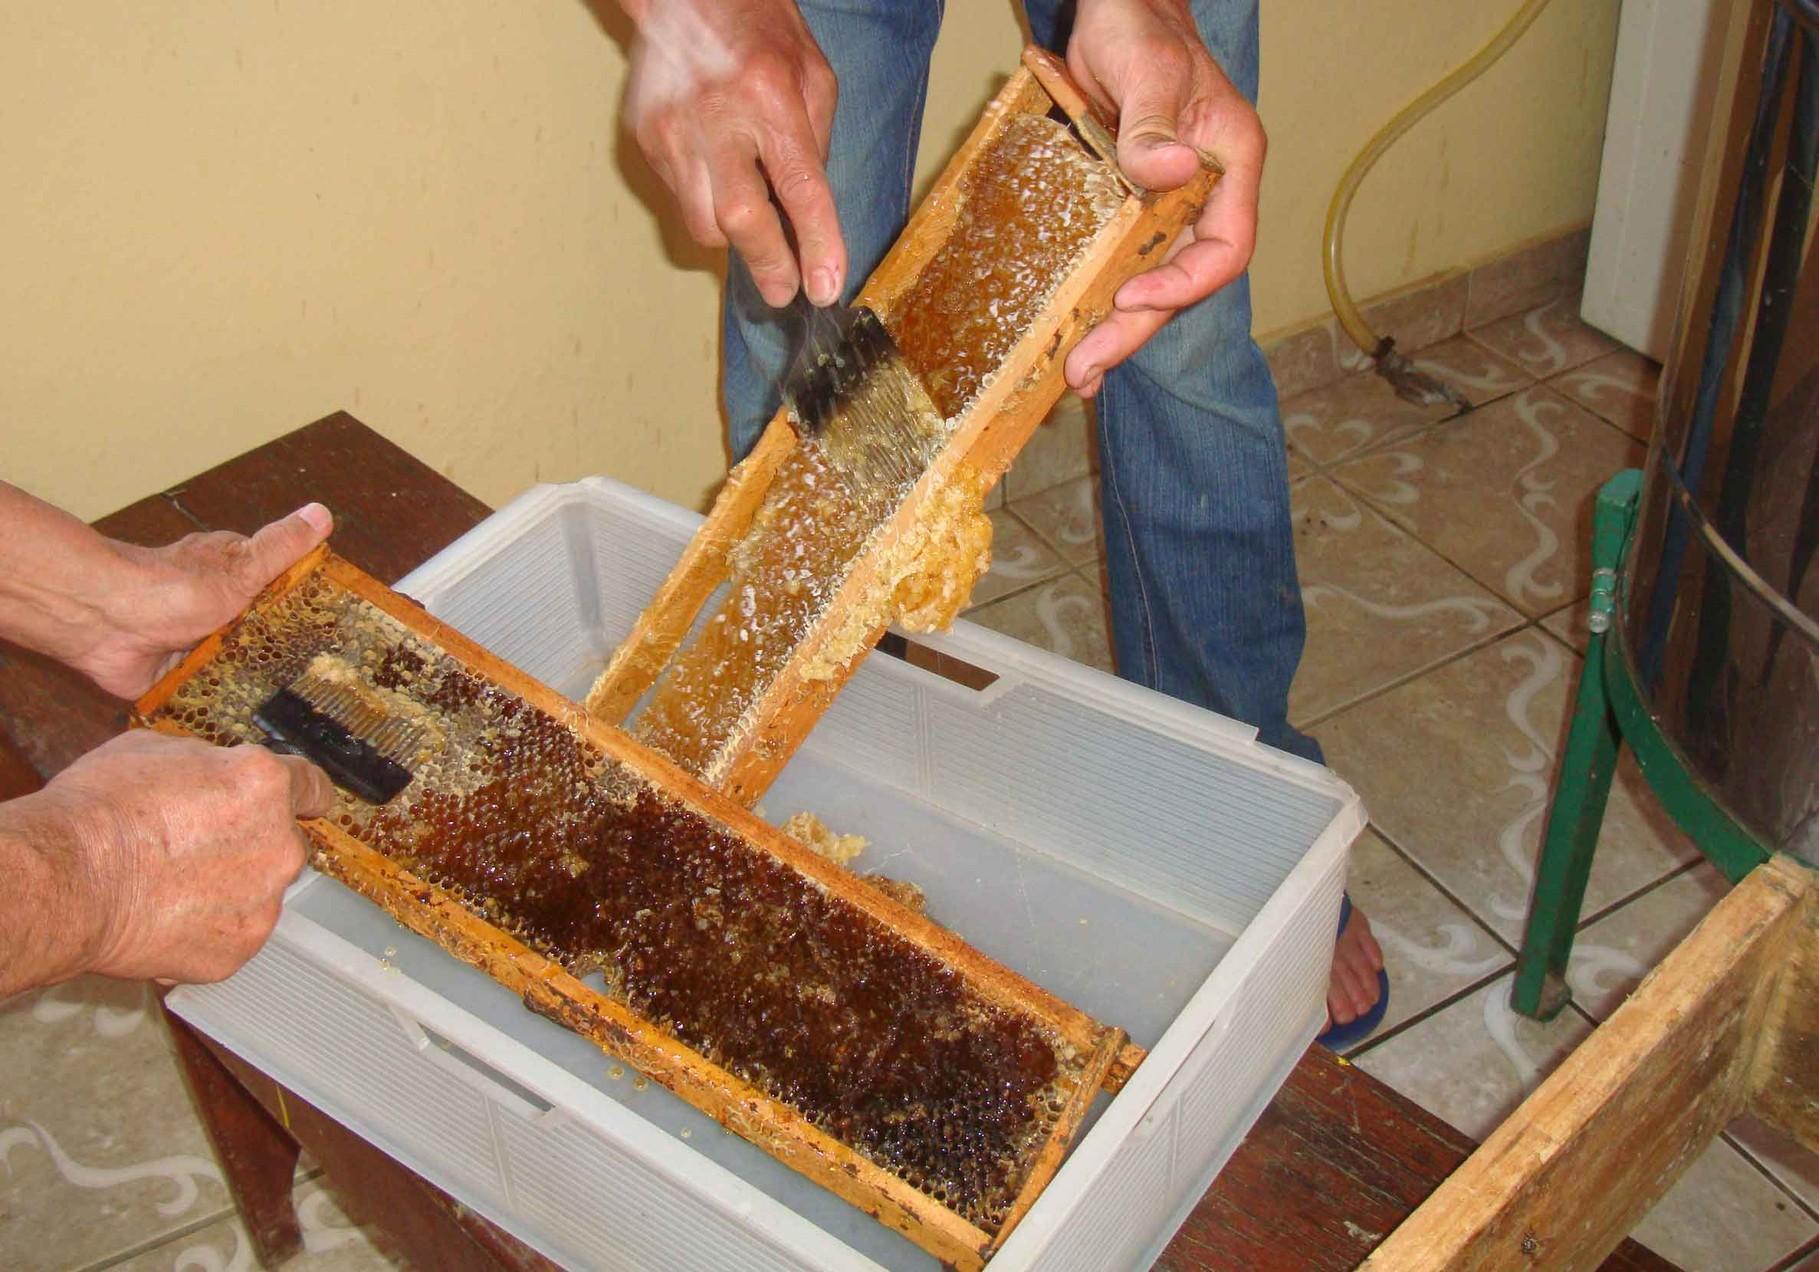 今回は巣箱オーナーの皆様へのお土産として、特別に蜂蜜を「失敬」してきました。